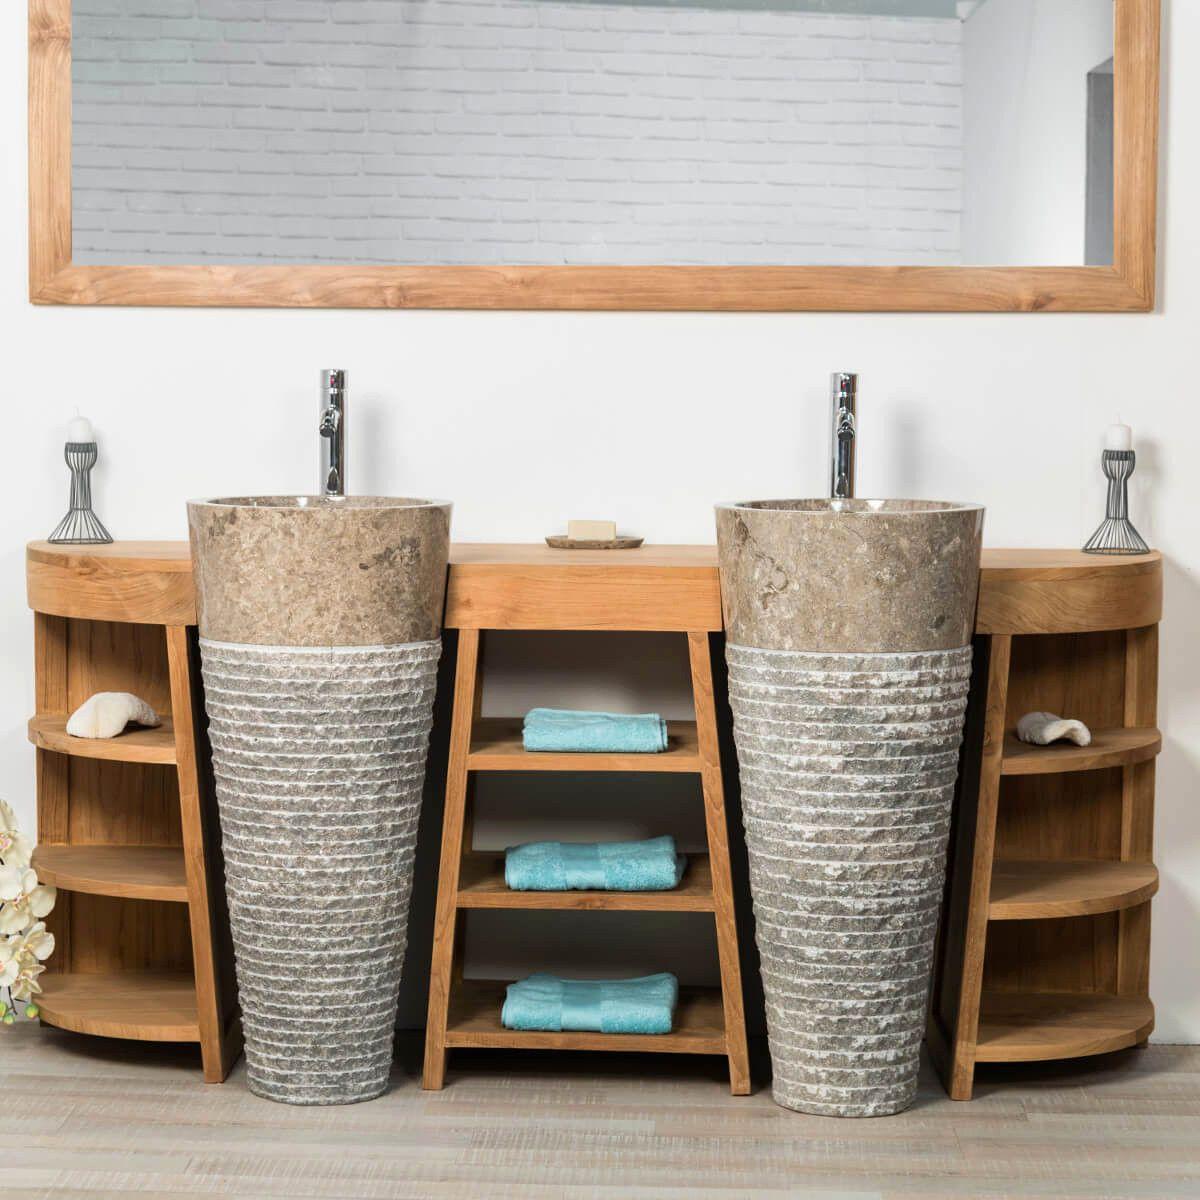 Vasque 120 Cm Beau Meuble Sous Vasque Teck Meuble Sous Vasque 60 Cm Cool Furniture Creative Bathroom Design Repurposed Furniture